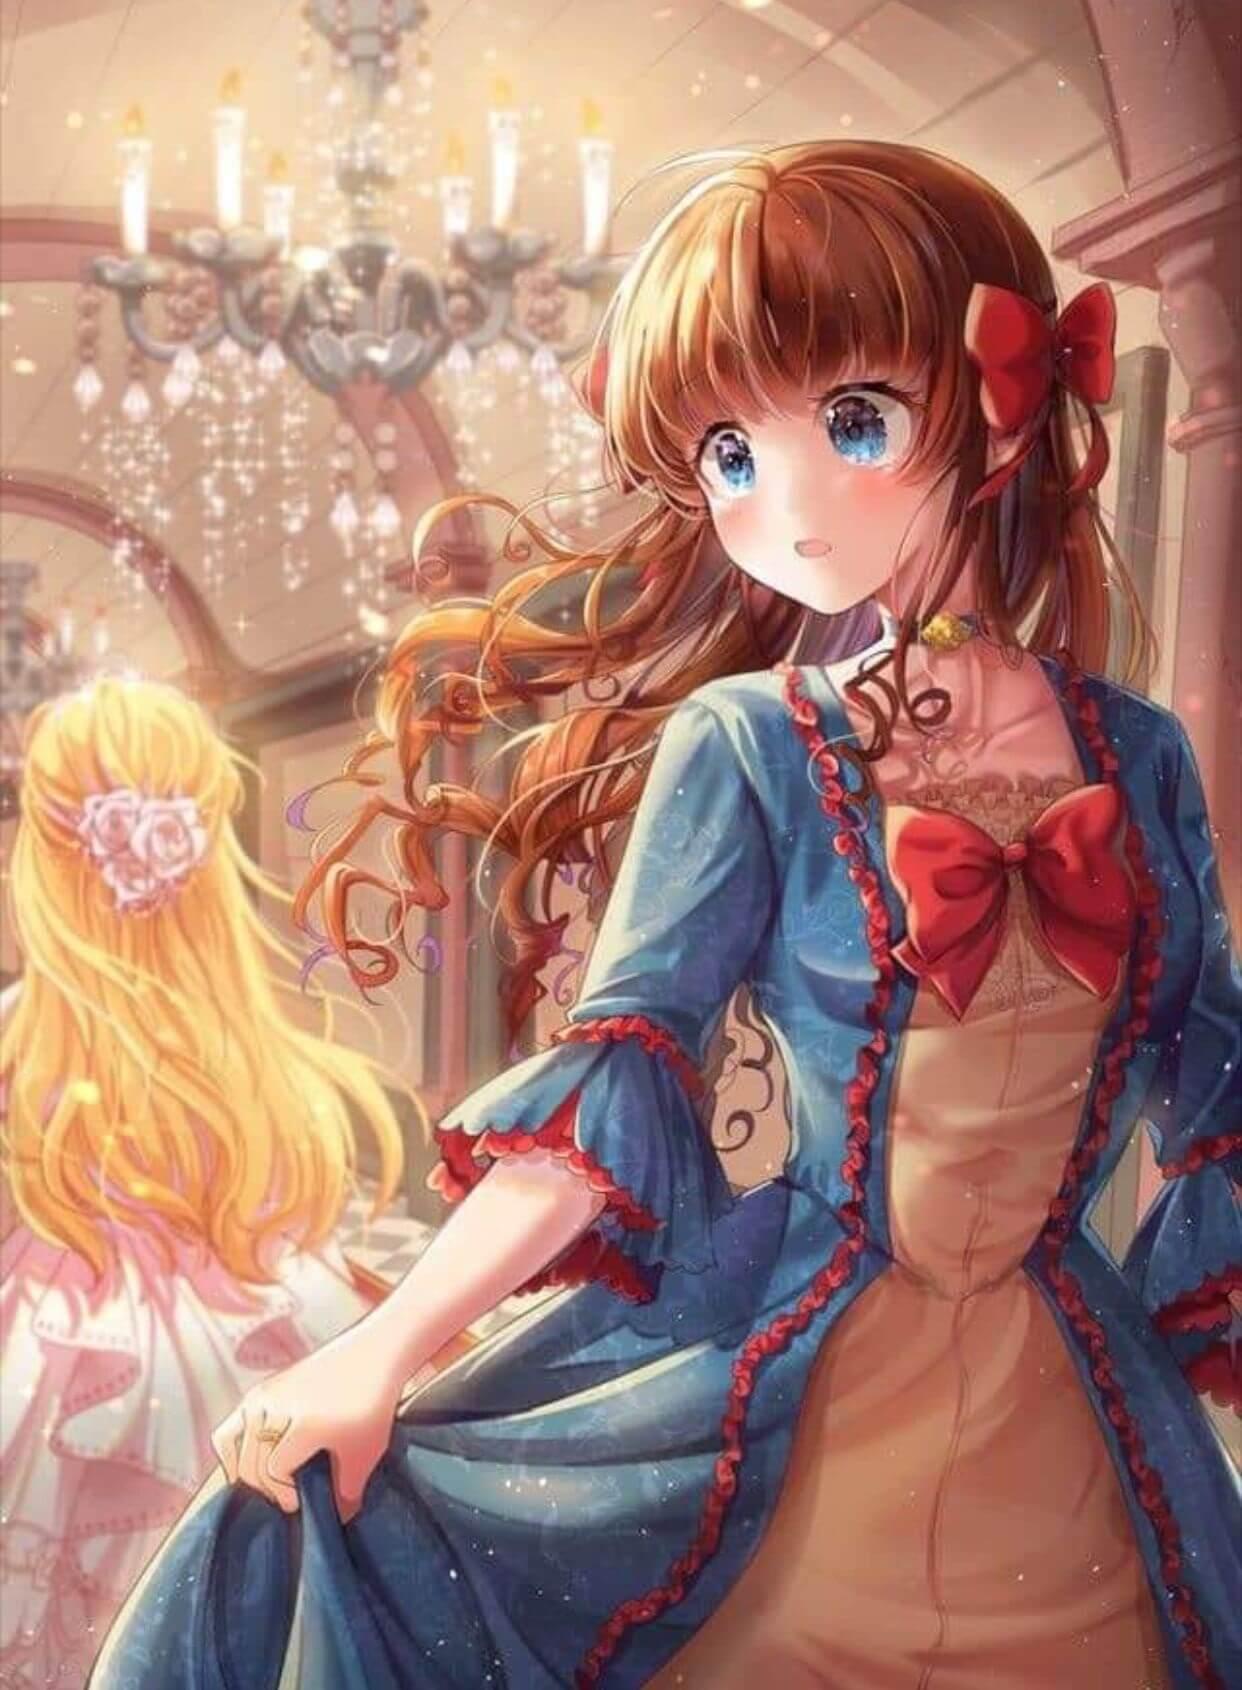 Красивая арт девушка аниме   яркие картинки 13